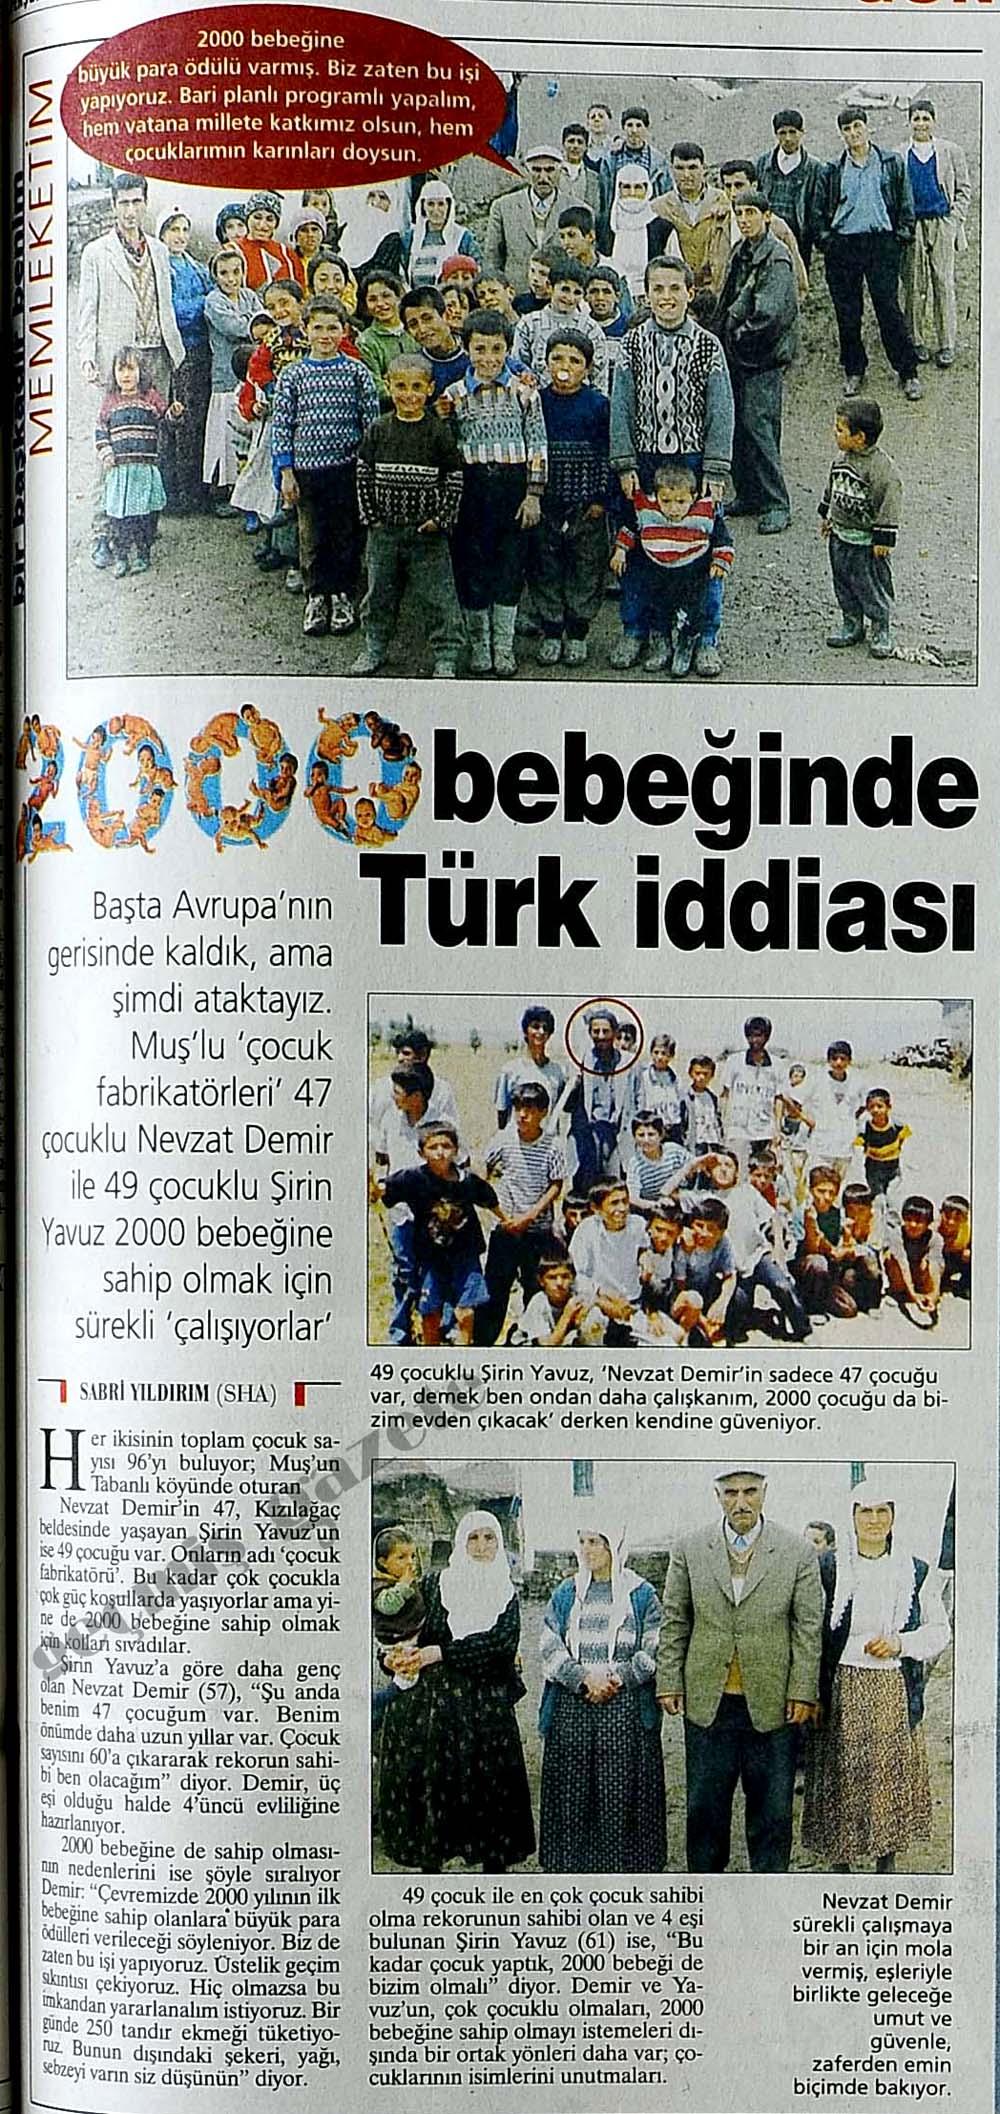 2000 bebeğinde Türk iddiası